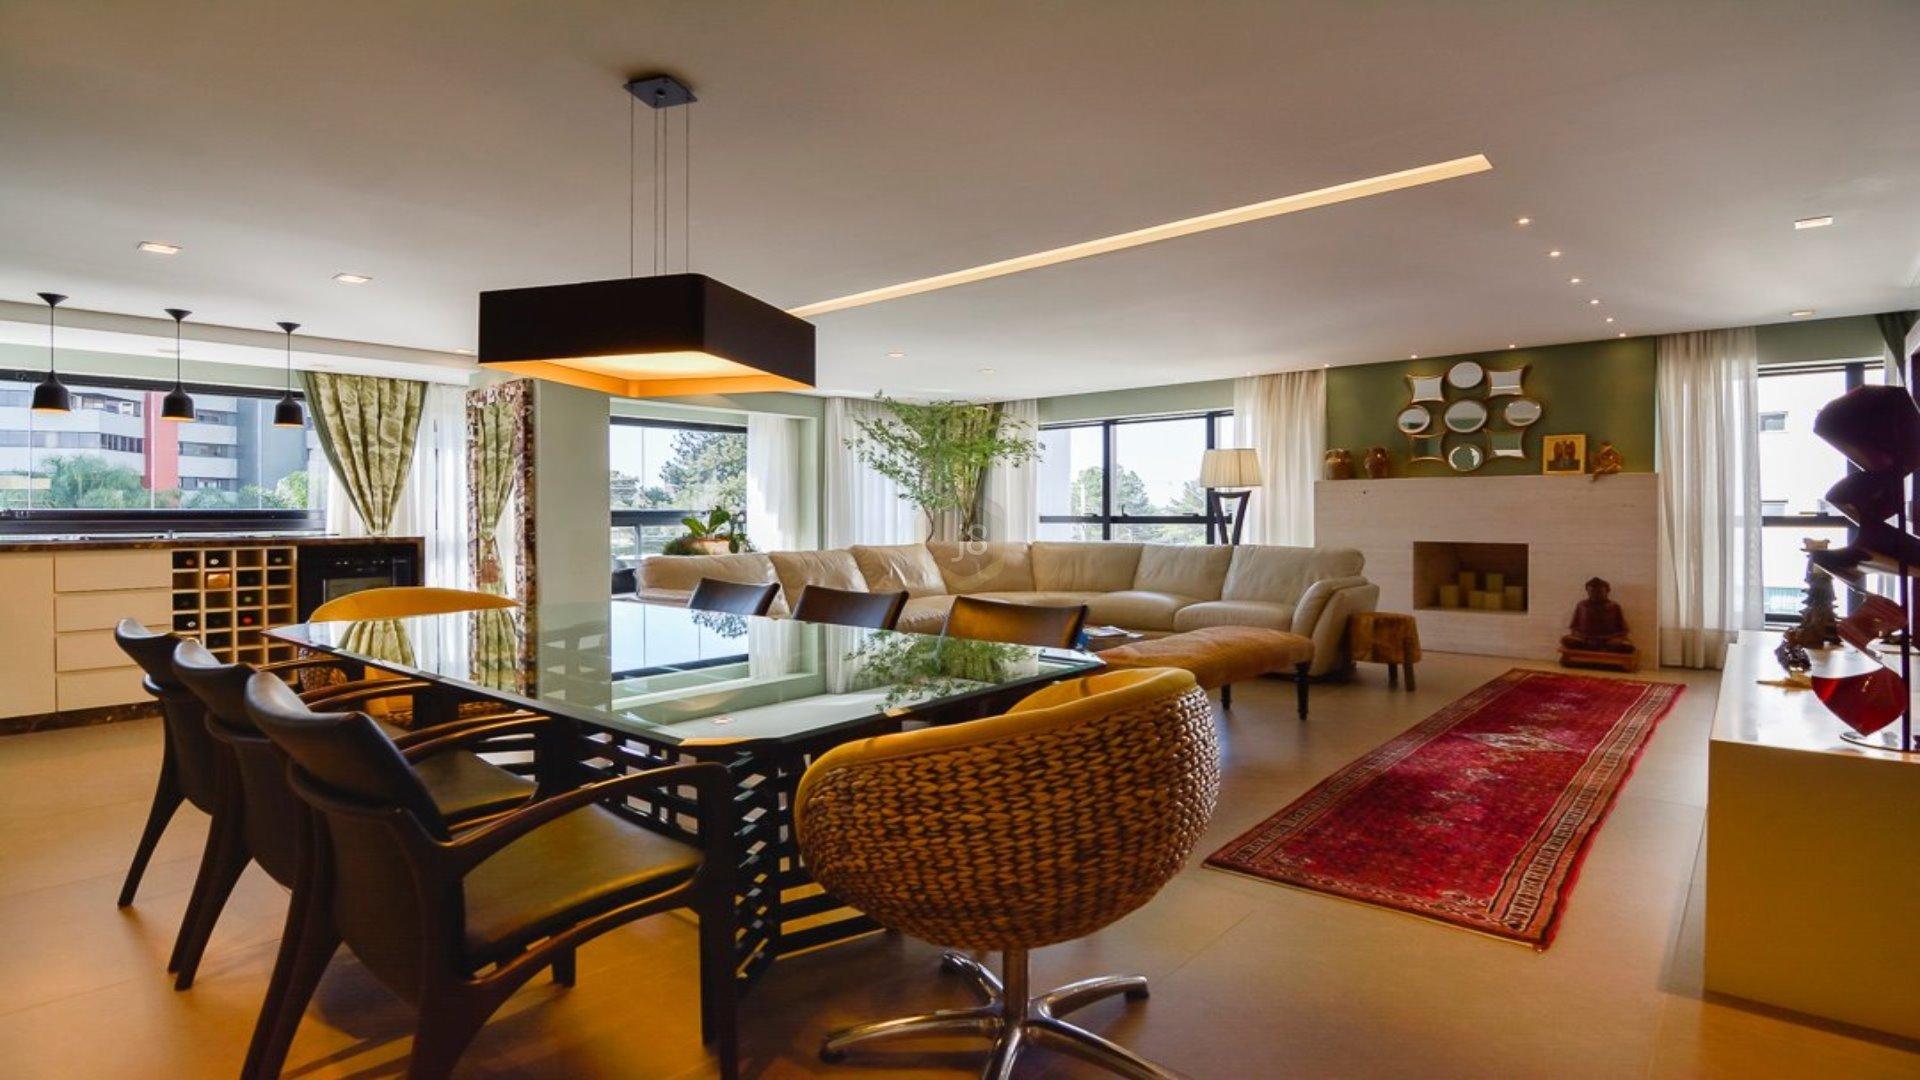 Foto de destaque Maravilhoso apartamento de 3 suítes no ecoville !